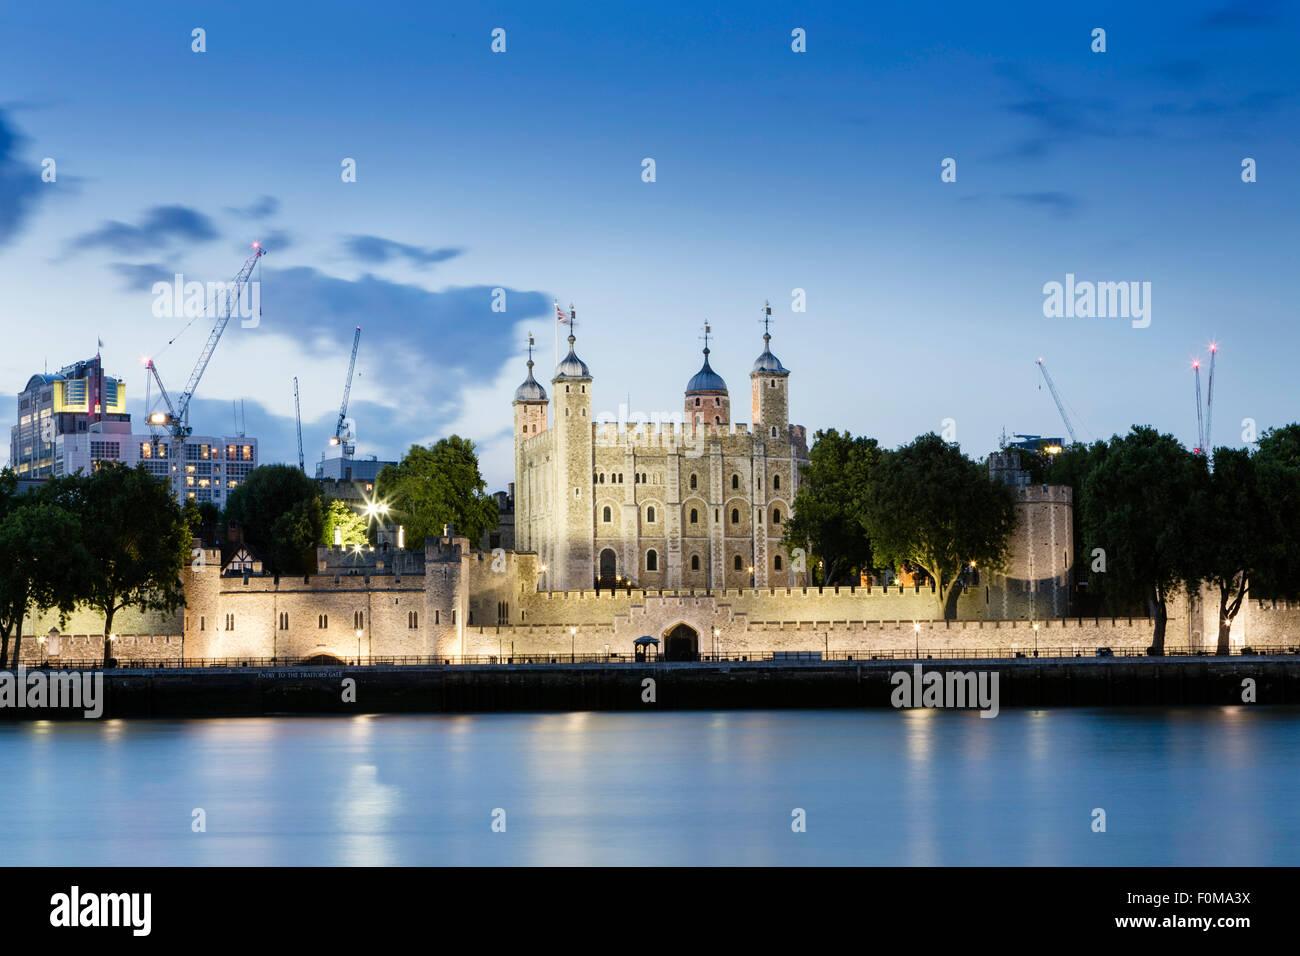 La Torre de Londres, Londres, Inglaterra Imagen De Stock